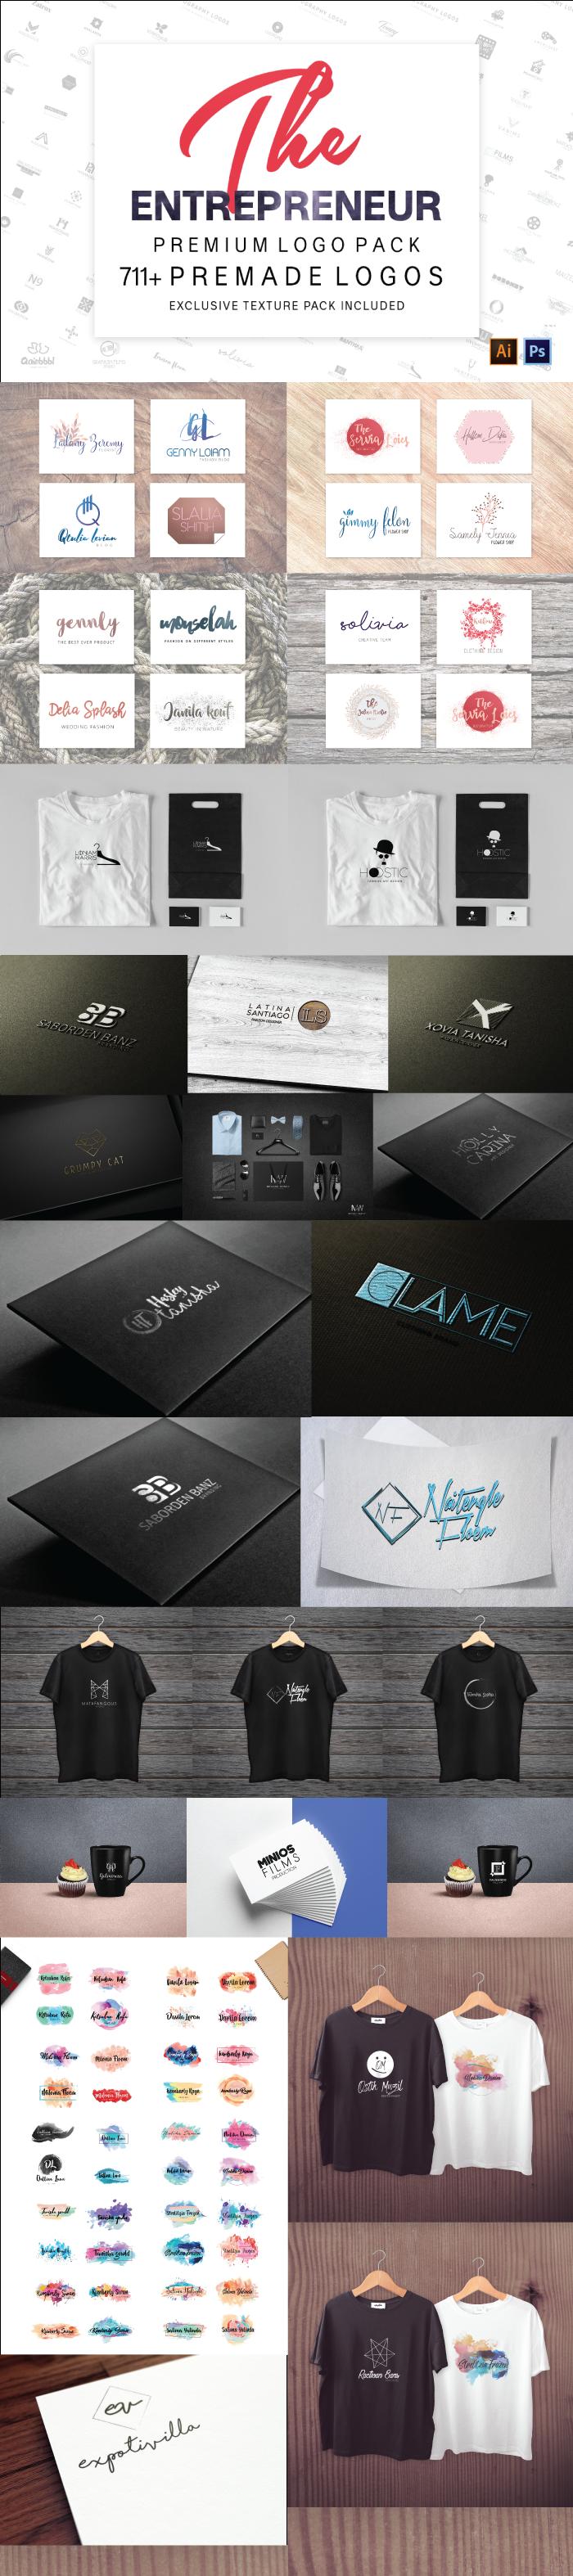 1400-logos